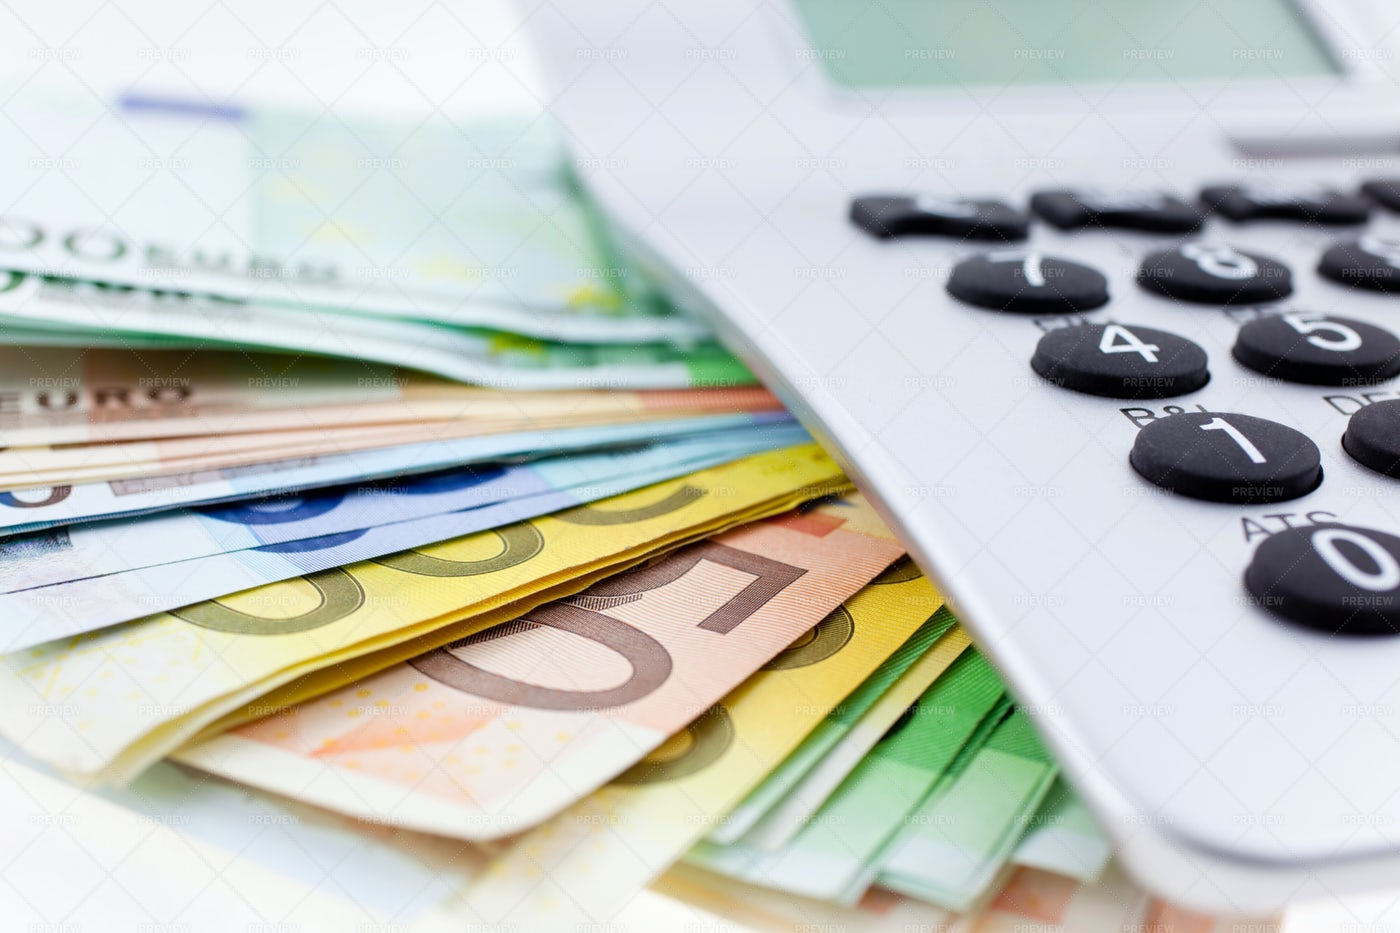 Euros With Calculator: Stock Photos